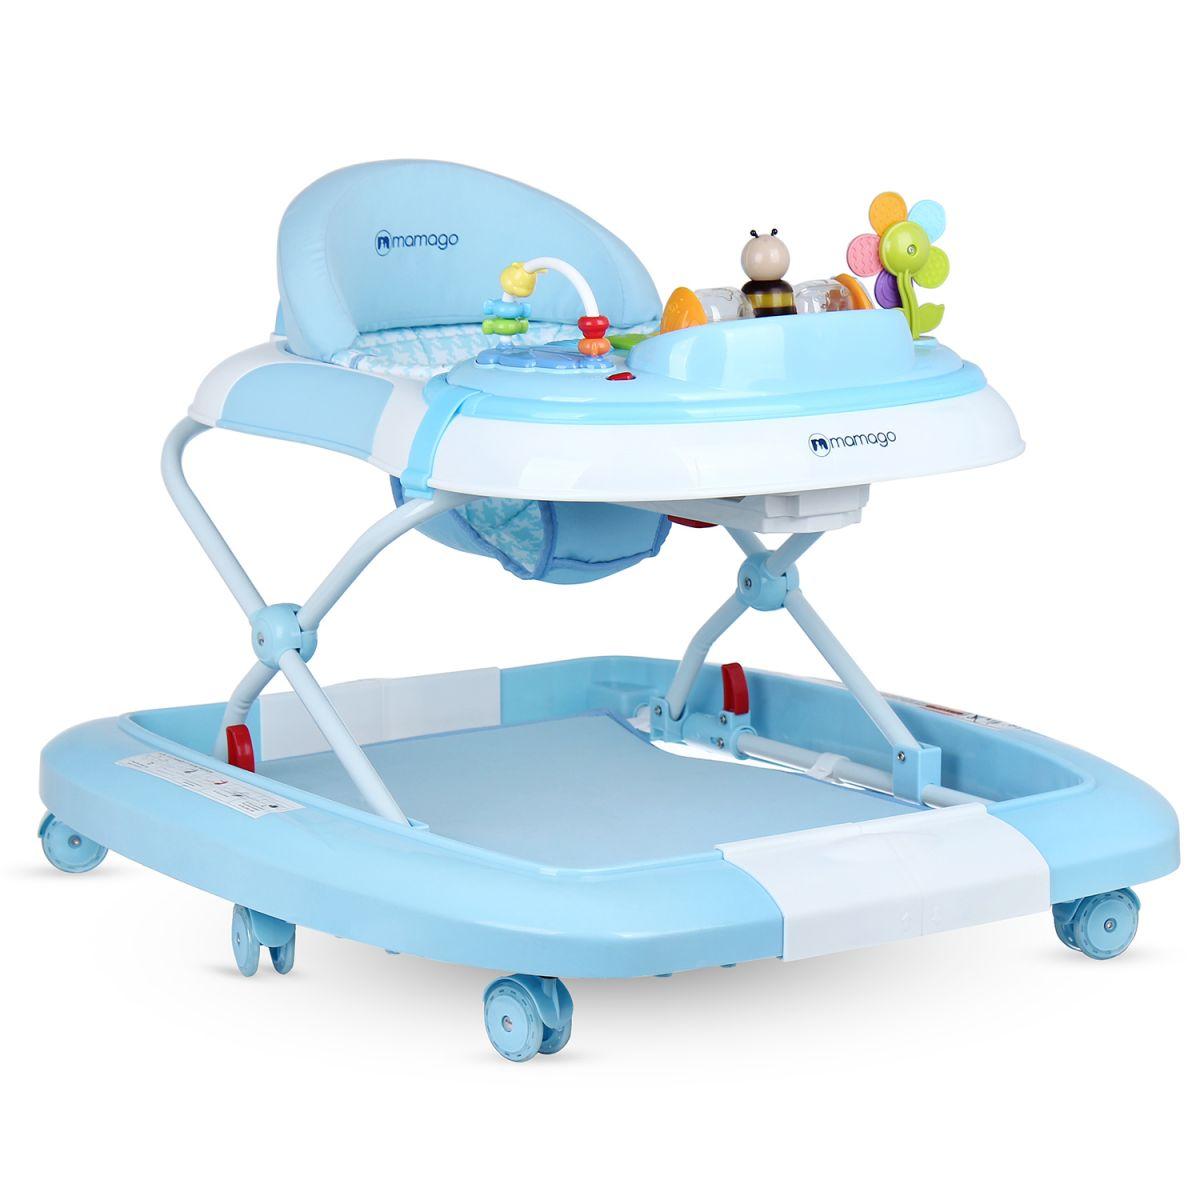 Xe tập đi cho bé chính là vật dụng hỗ trợ đắc lực nhưng không nên lạm dụng.